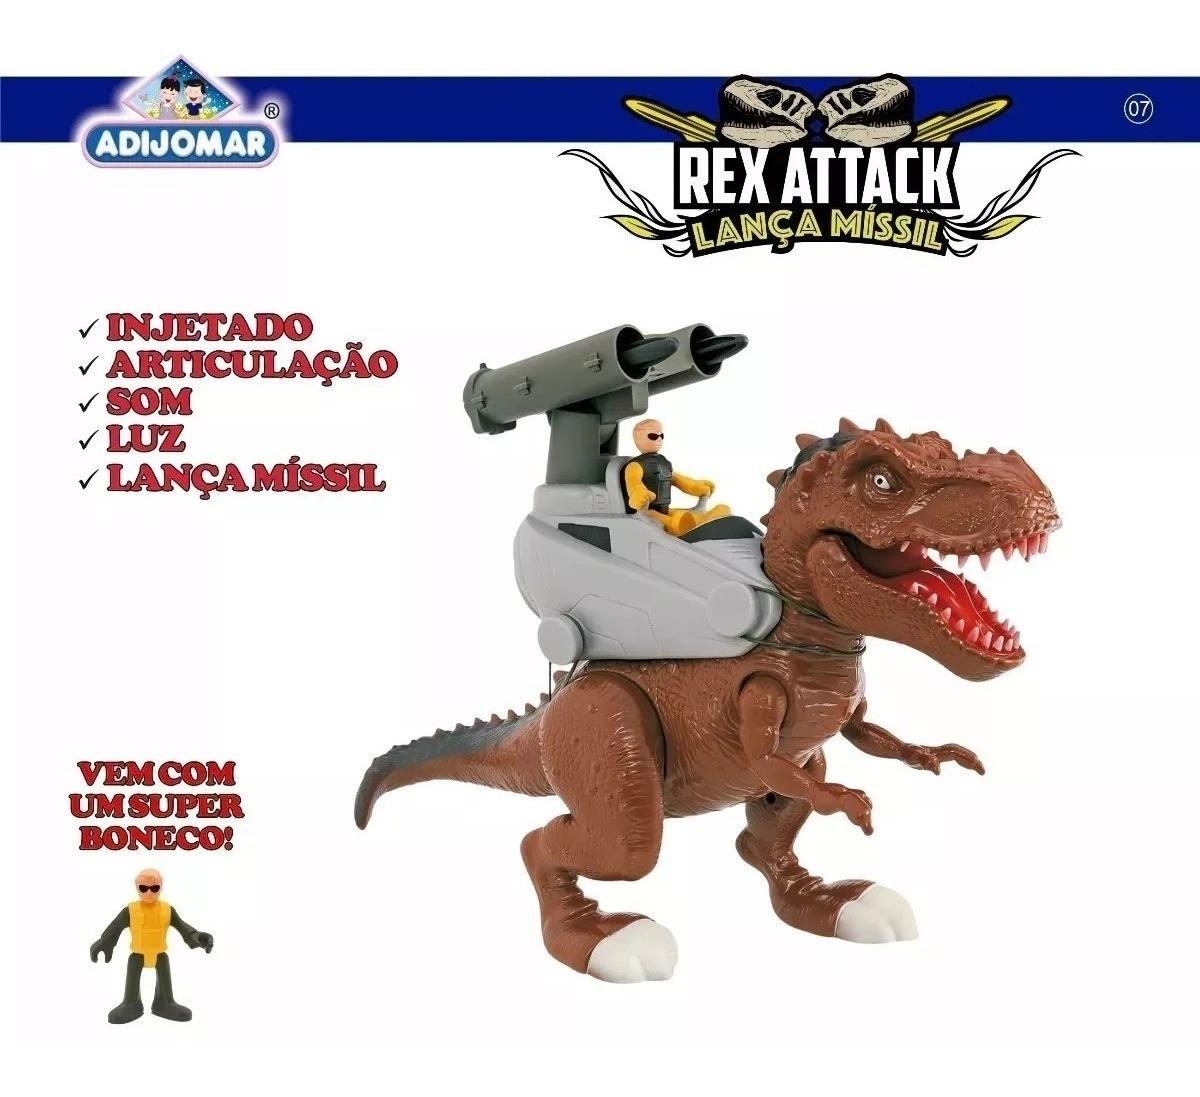 REX  ATTACK LANCA MISSIL MARROM 863*